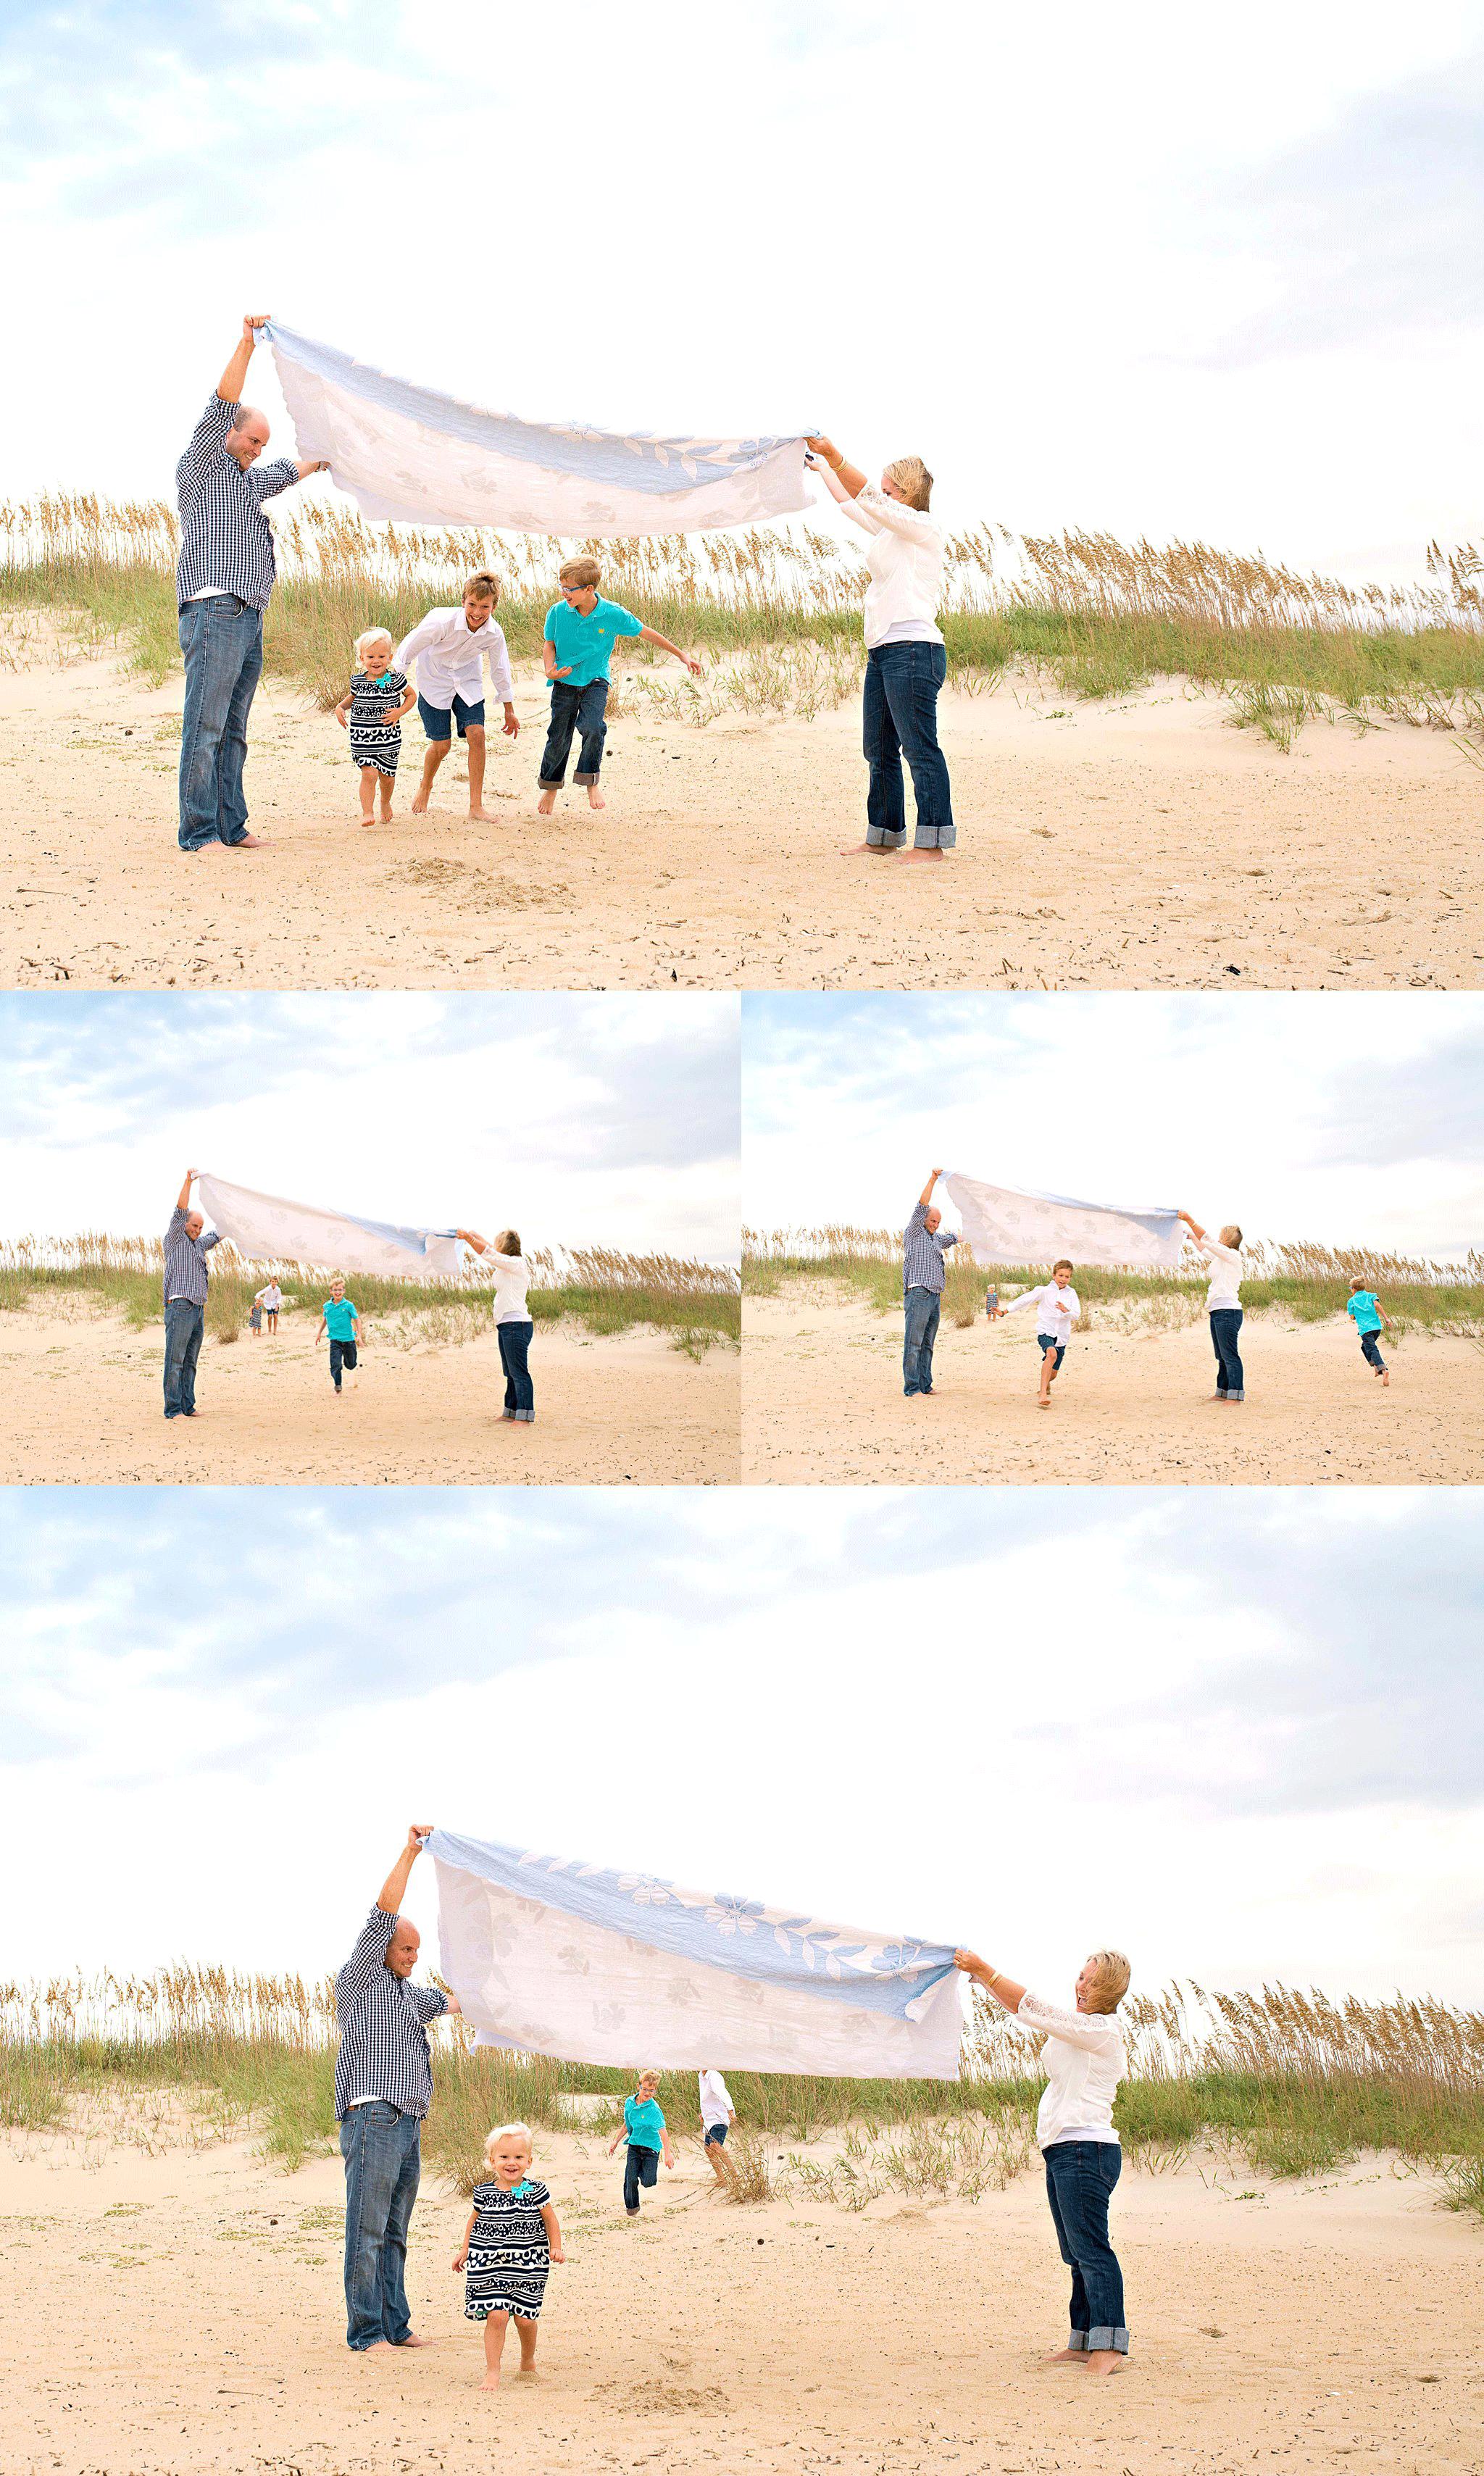 fun-family-photos-on-the-beach-sandbridge-beach-photographers-virginia-beach-photographer-melissa-bliss-photography.png